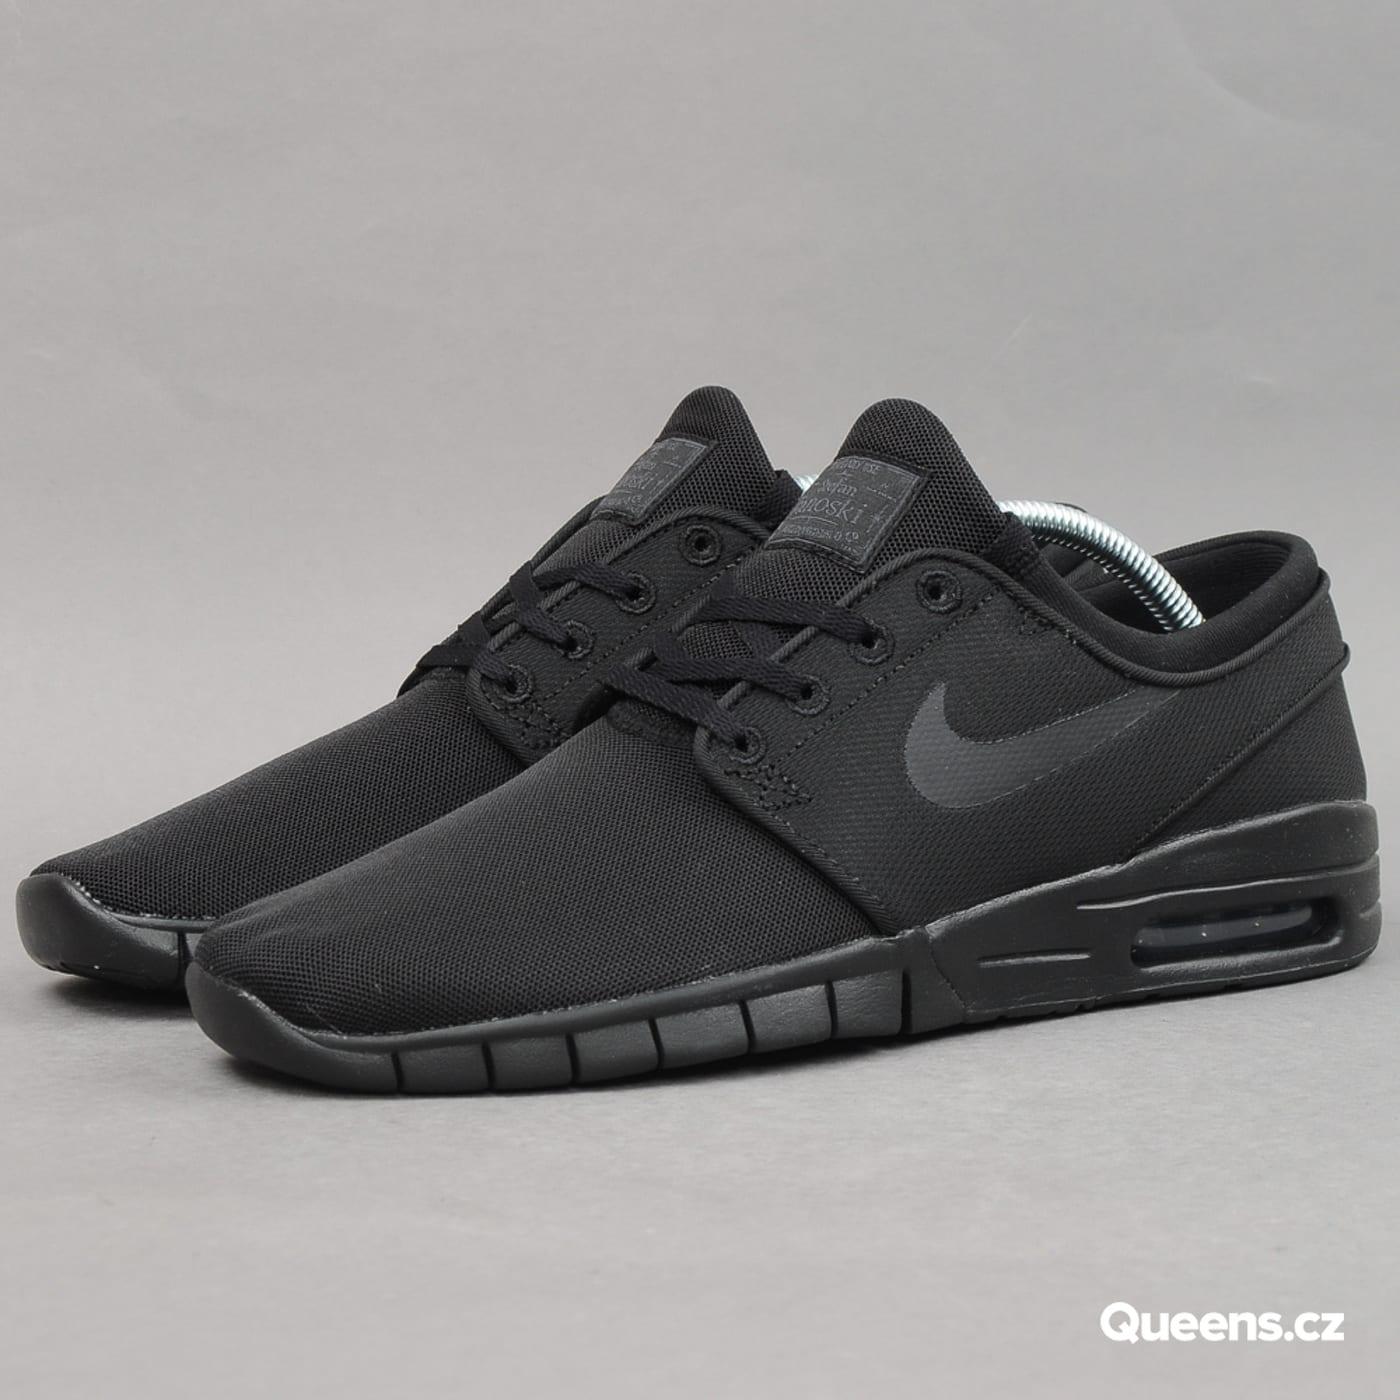 Boty Nike Stefan Janoski Max (631303-007) – Queens 💚 00d687257ce